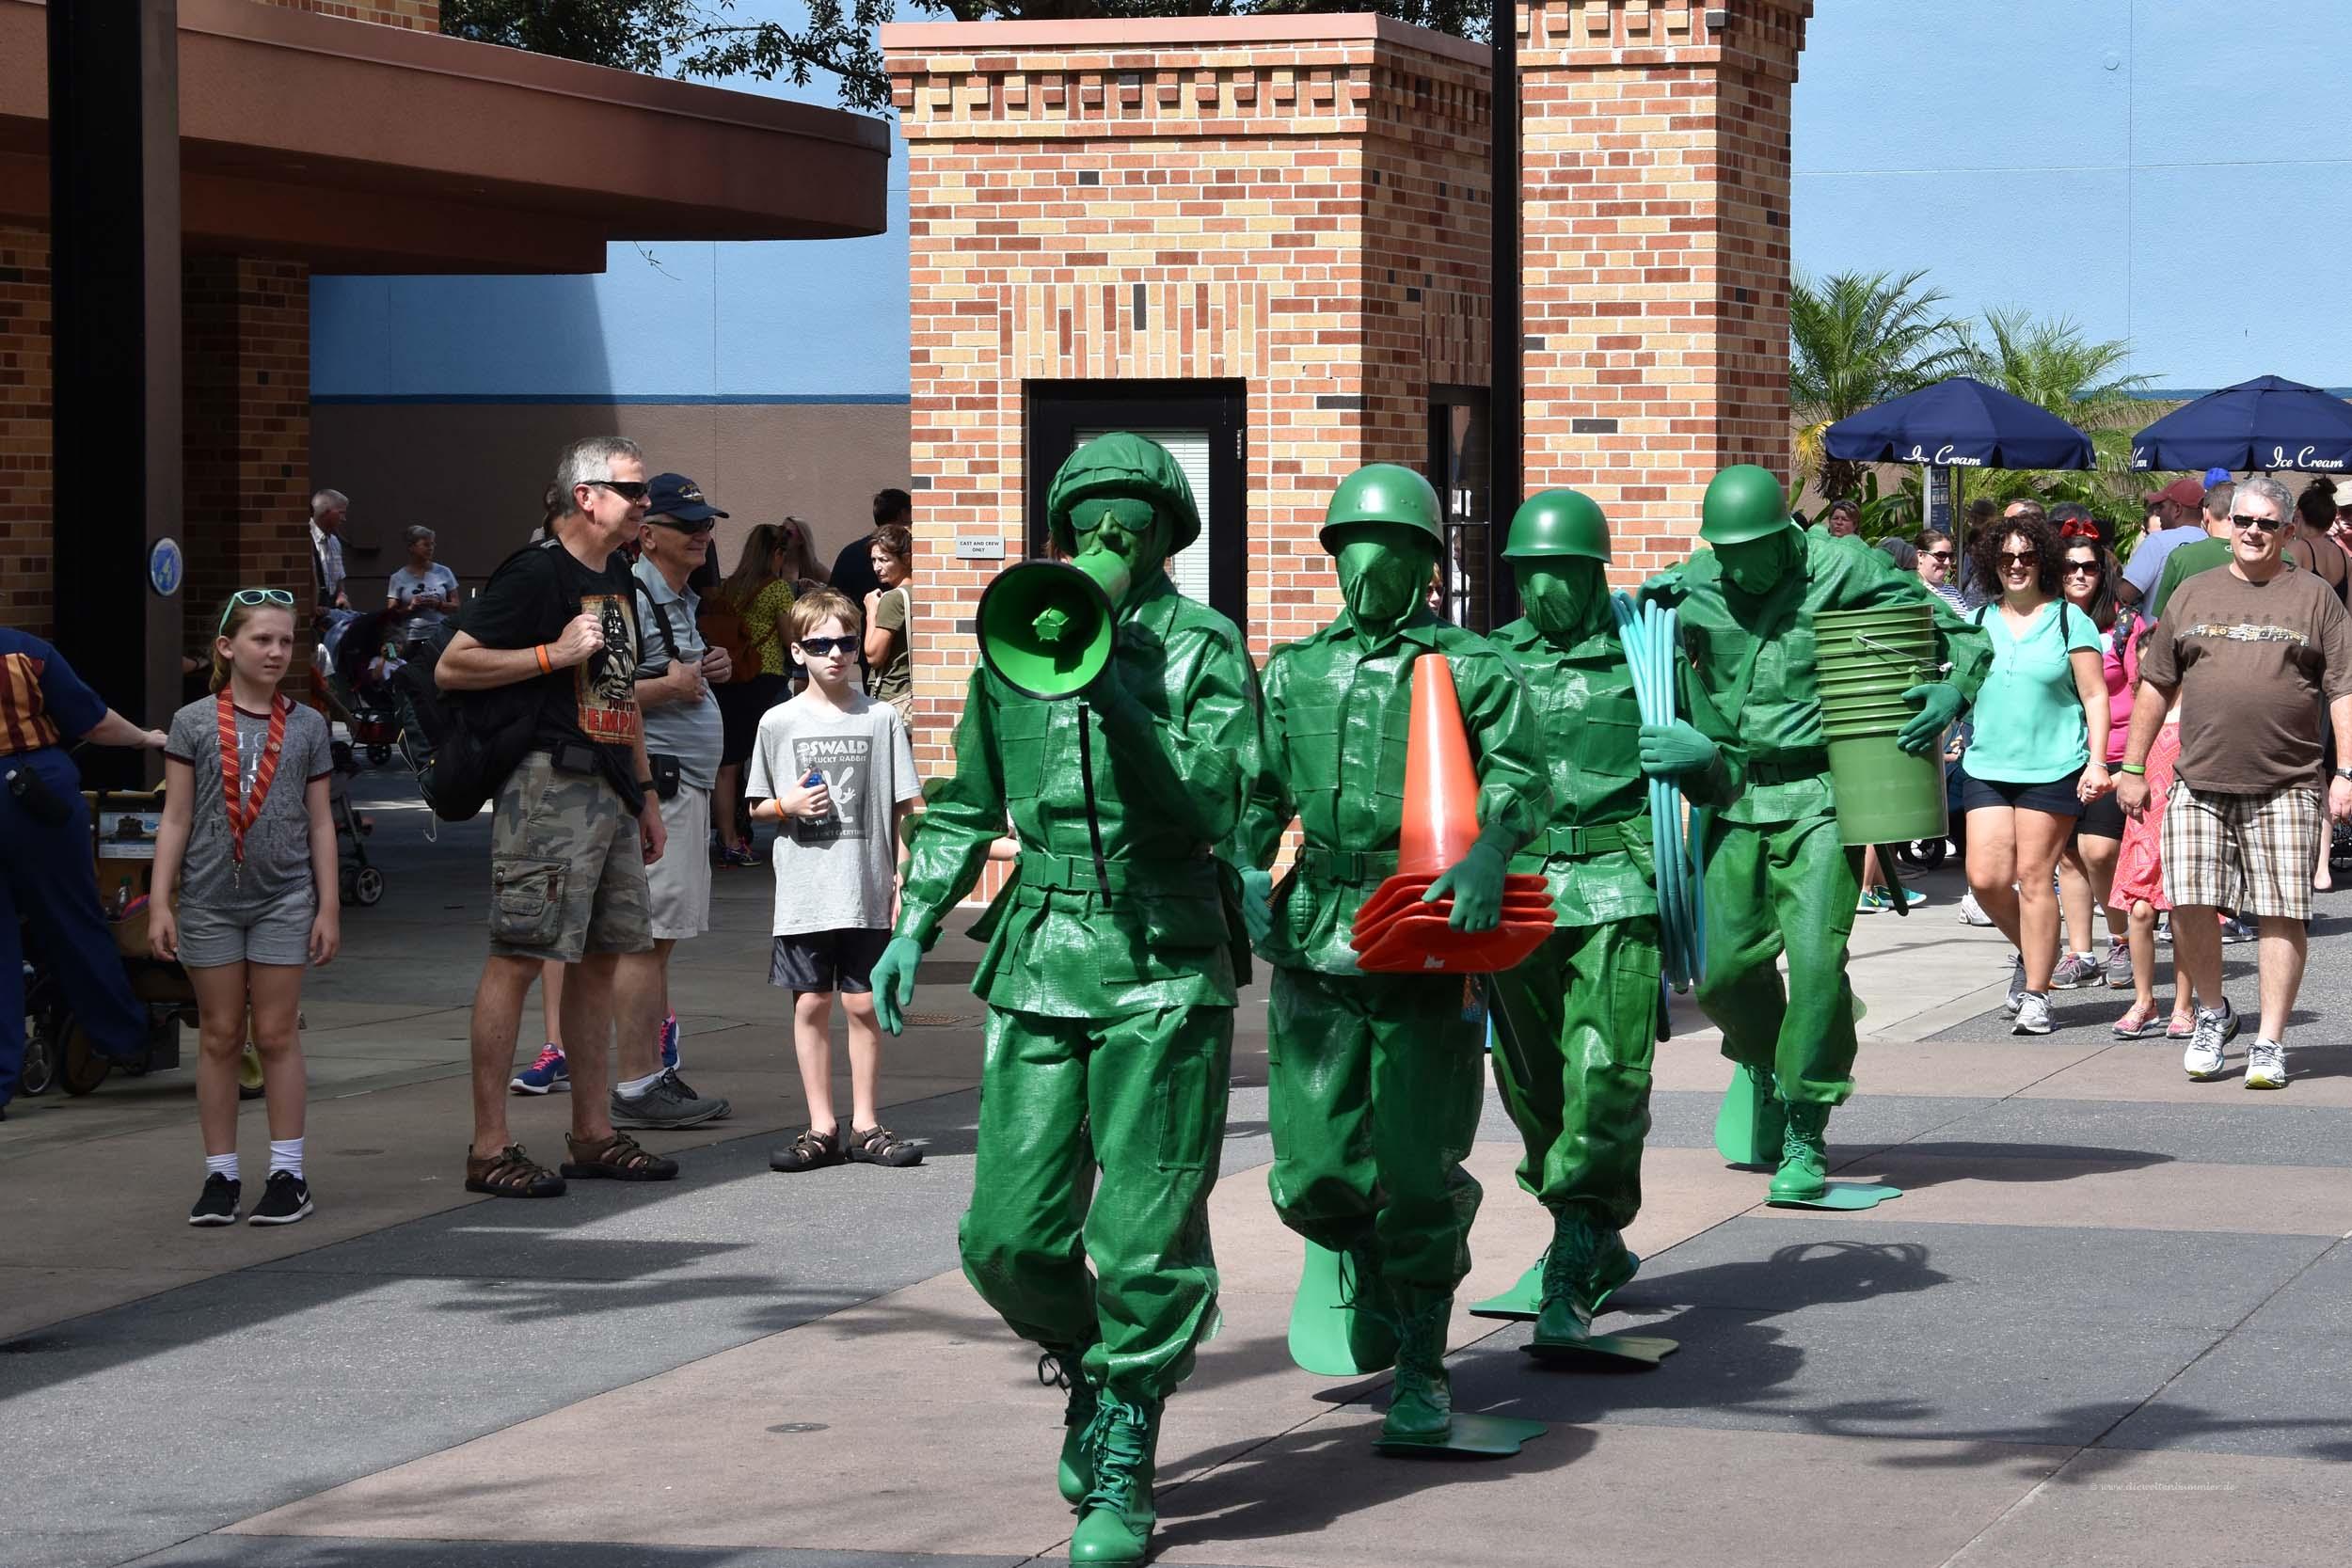 Die Toy Story Soldaten kommen